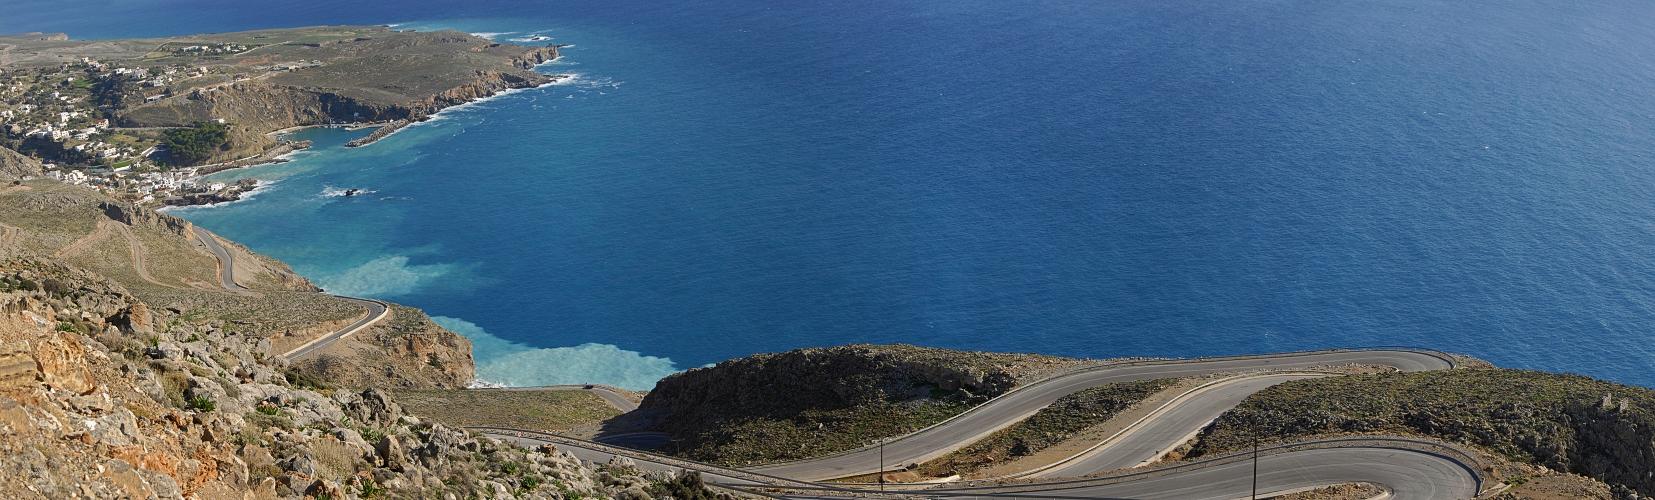 Kreta-2012_12_04-13_27_51 Panorama